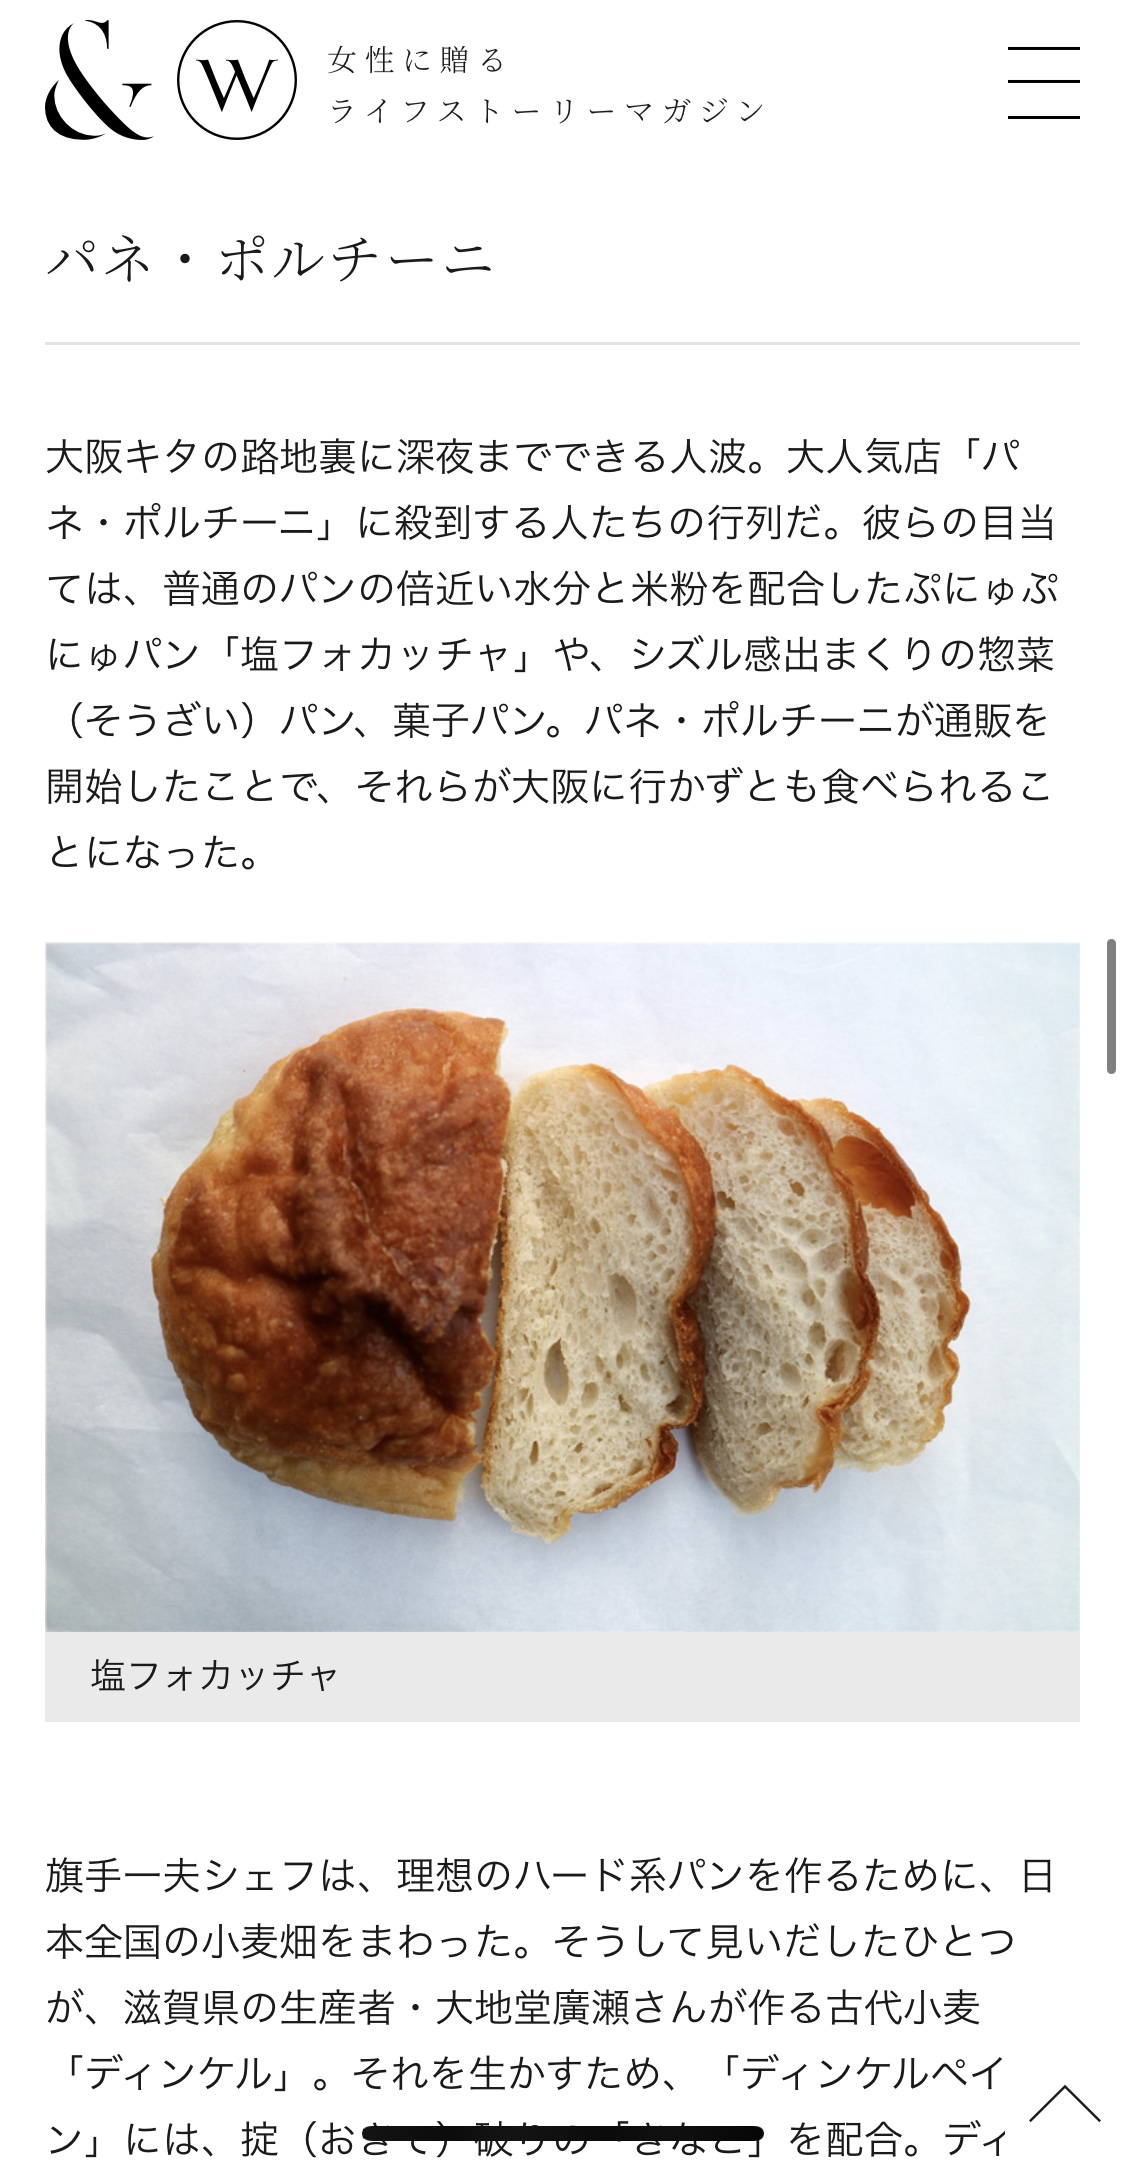 朝日新聞デジタル&Wさんにパネポルチーニ掲載して頂きました!